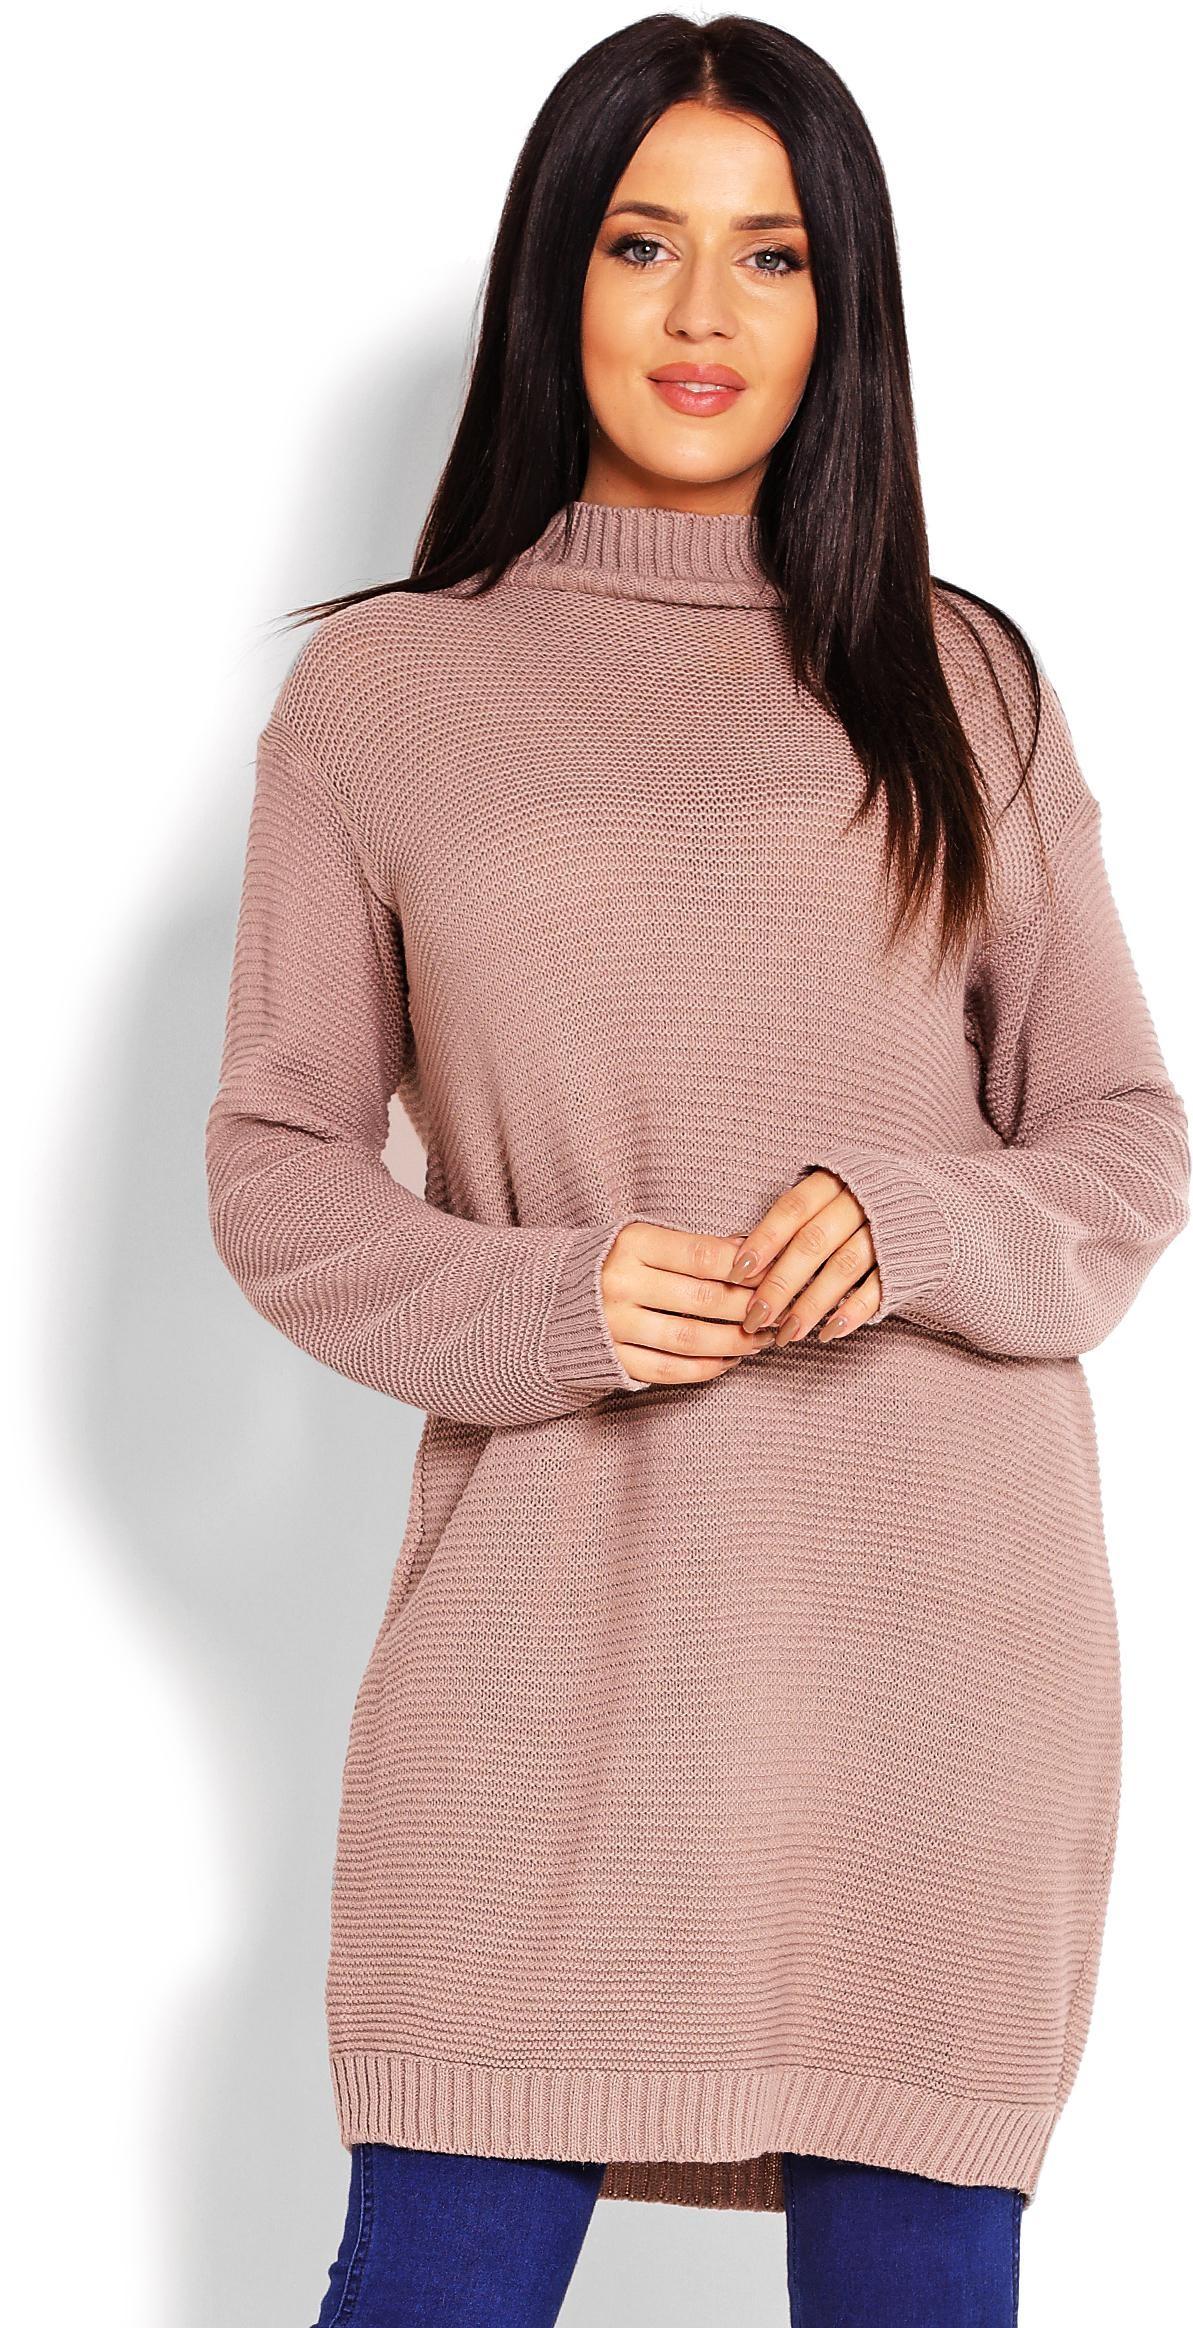 Dlhý kapučínový dámsky sveter 40009 - Uni